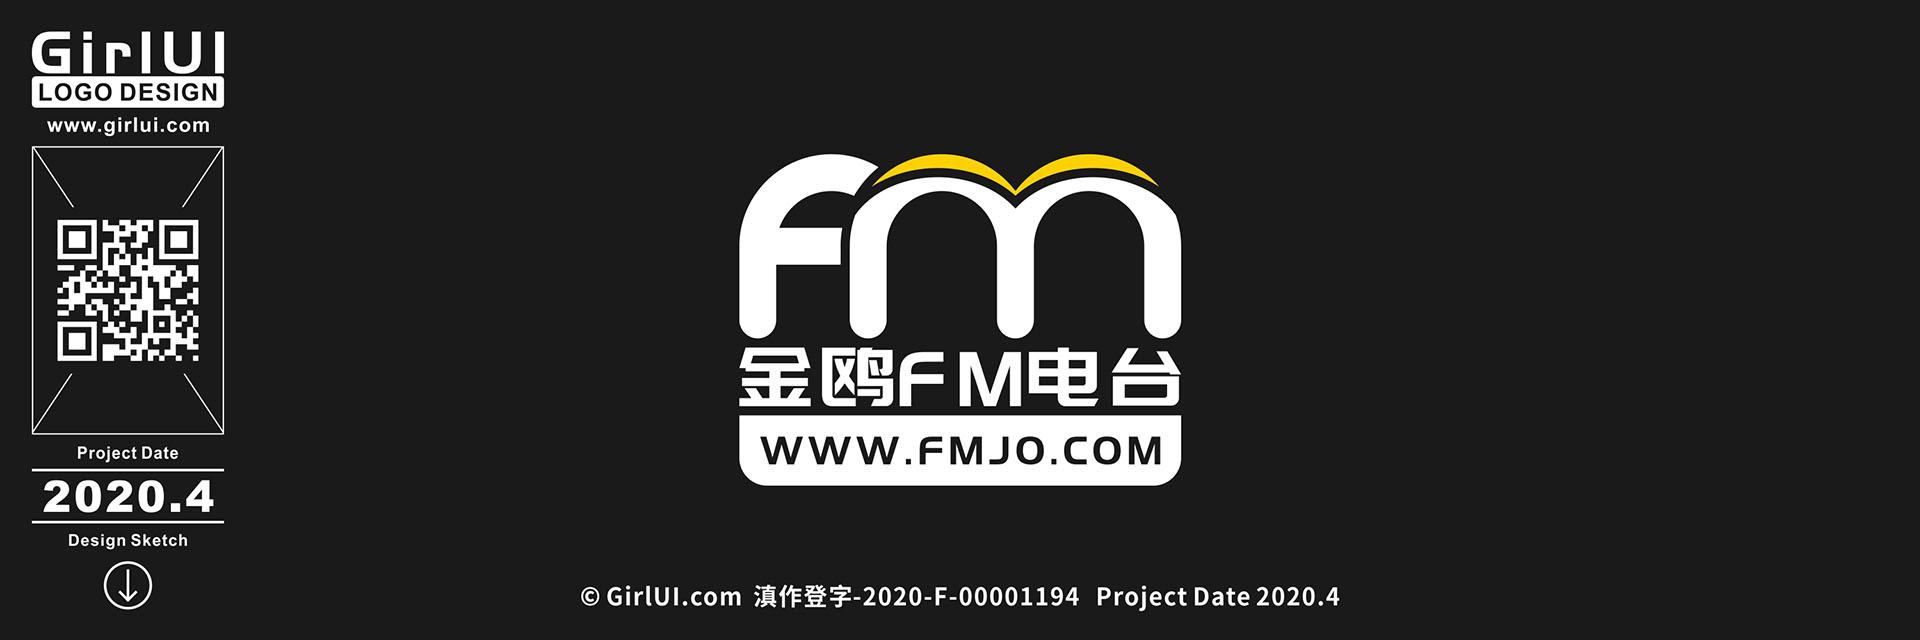 聆听世界的声音——金鸥FM电台 FMJO.com